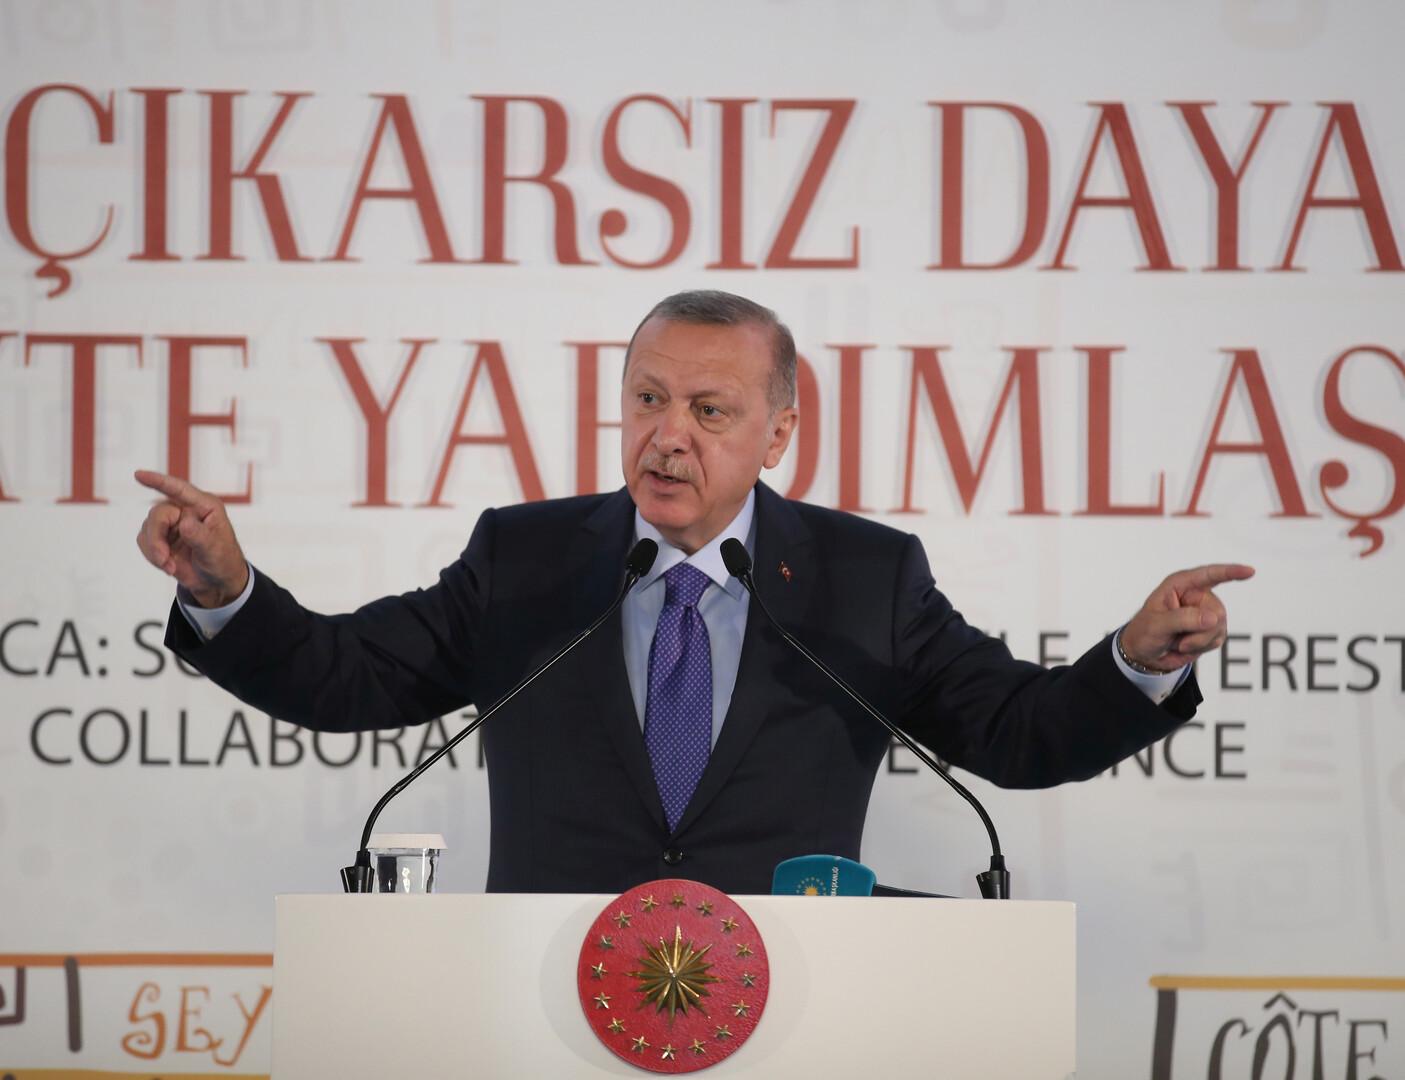 أردوغان: على المعتقدين أنهم يستطيعون أن يسرحوا كيف شاؤوا في منطقتنا أن يقروا بأن ذلك لم يعد سهلا